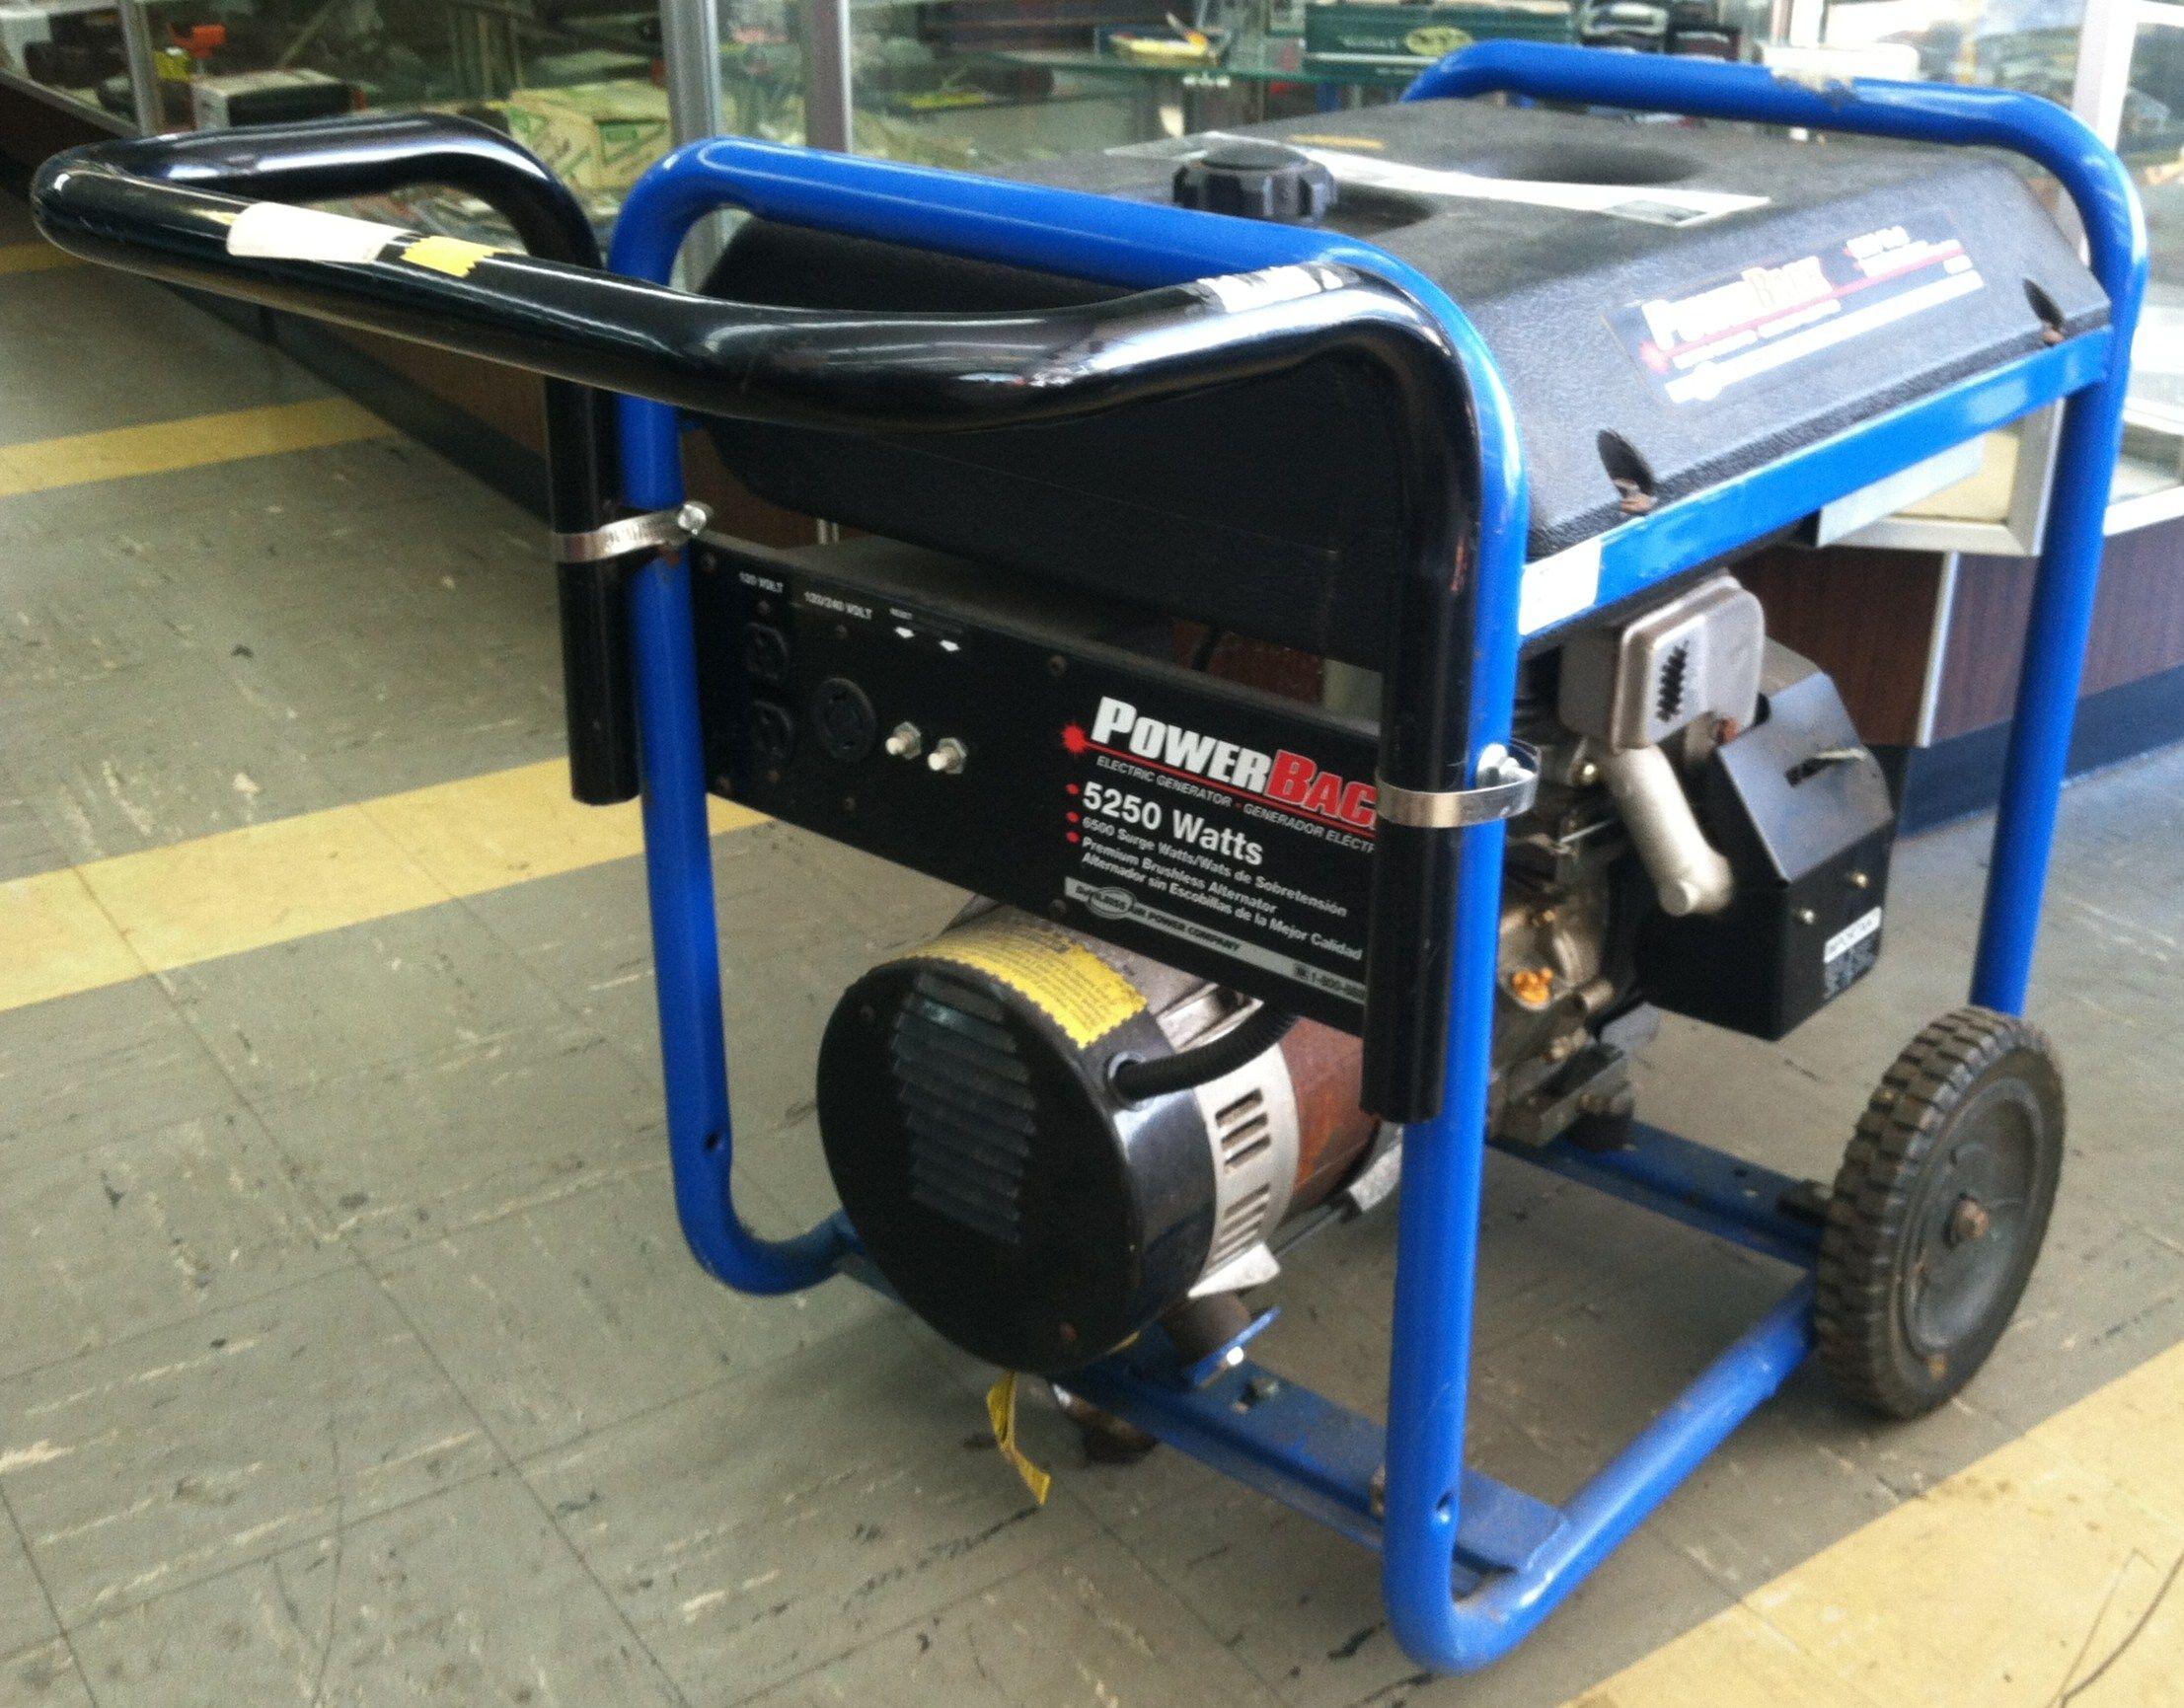 Devilbiss Back Gt5250 Generator 599 95